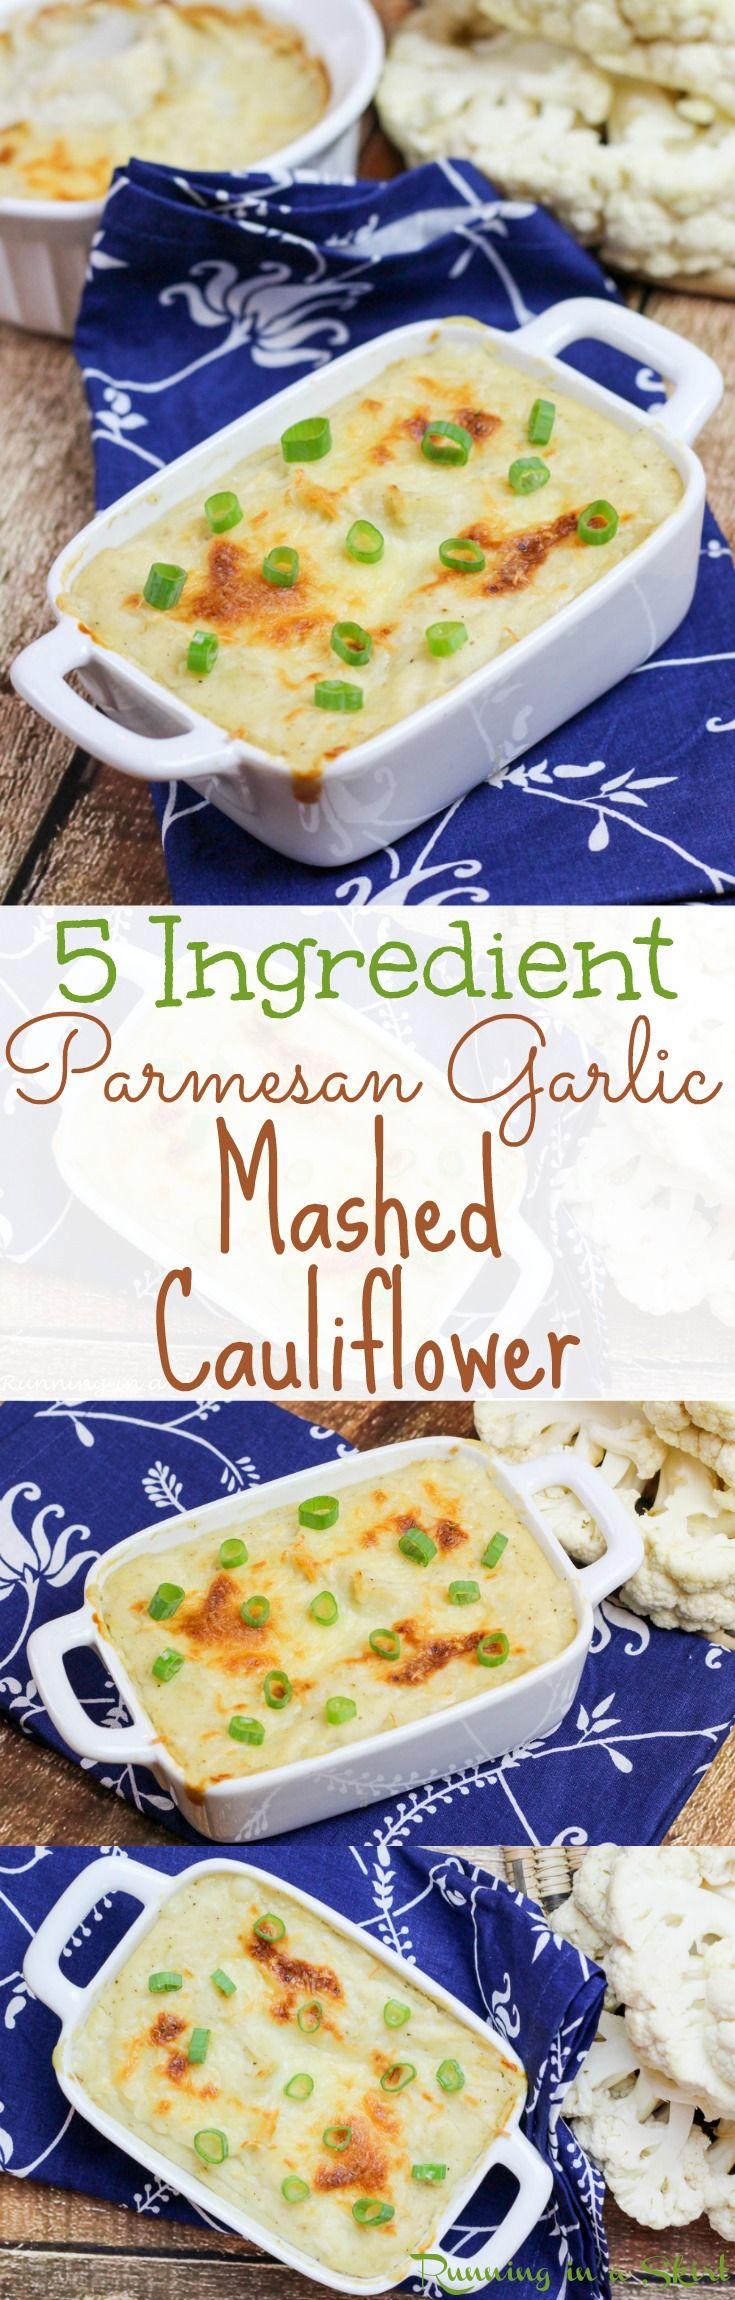 Best Cauliflower Recipes Mashed